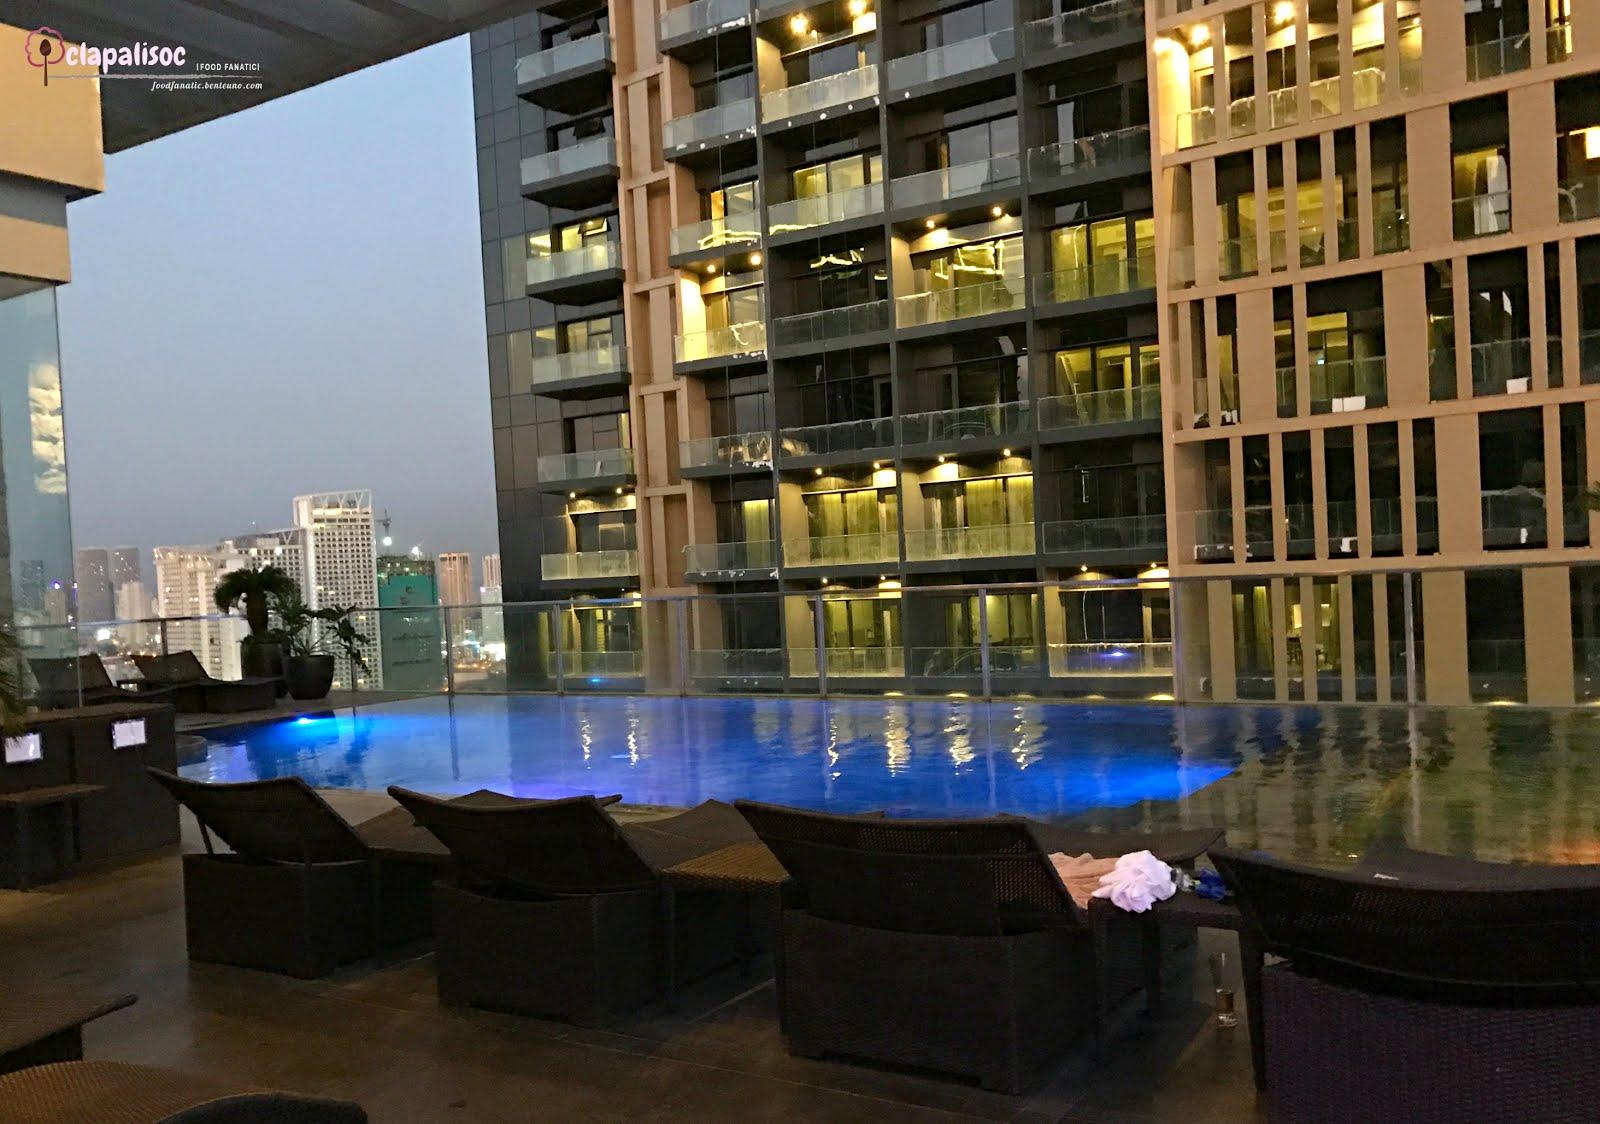 City Garden Grand Hotelu0027s Roofdeck Pool Area